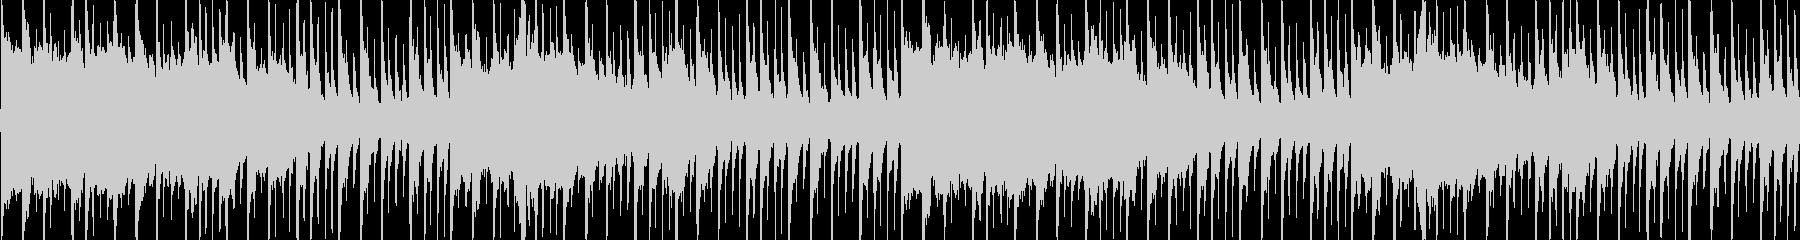 【宮廷/アラジン/オリエンタルなBGM】の未再生の波形